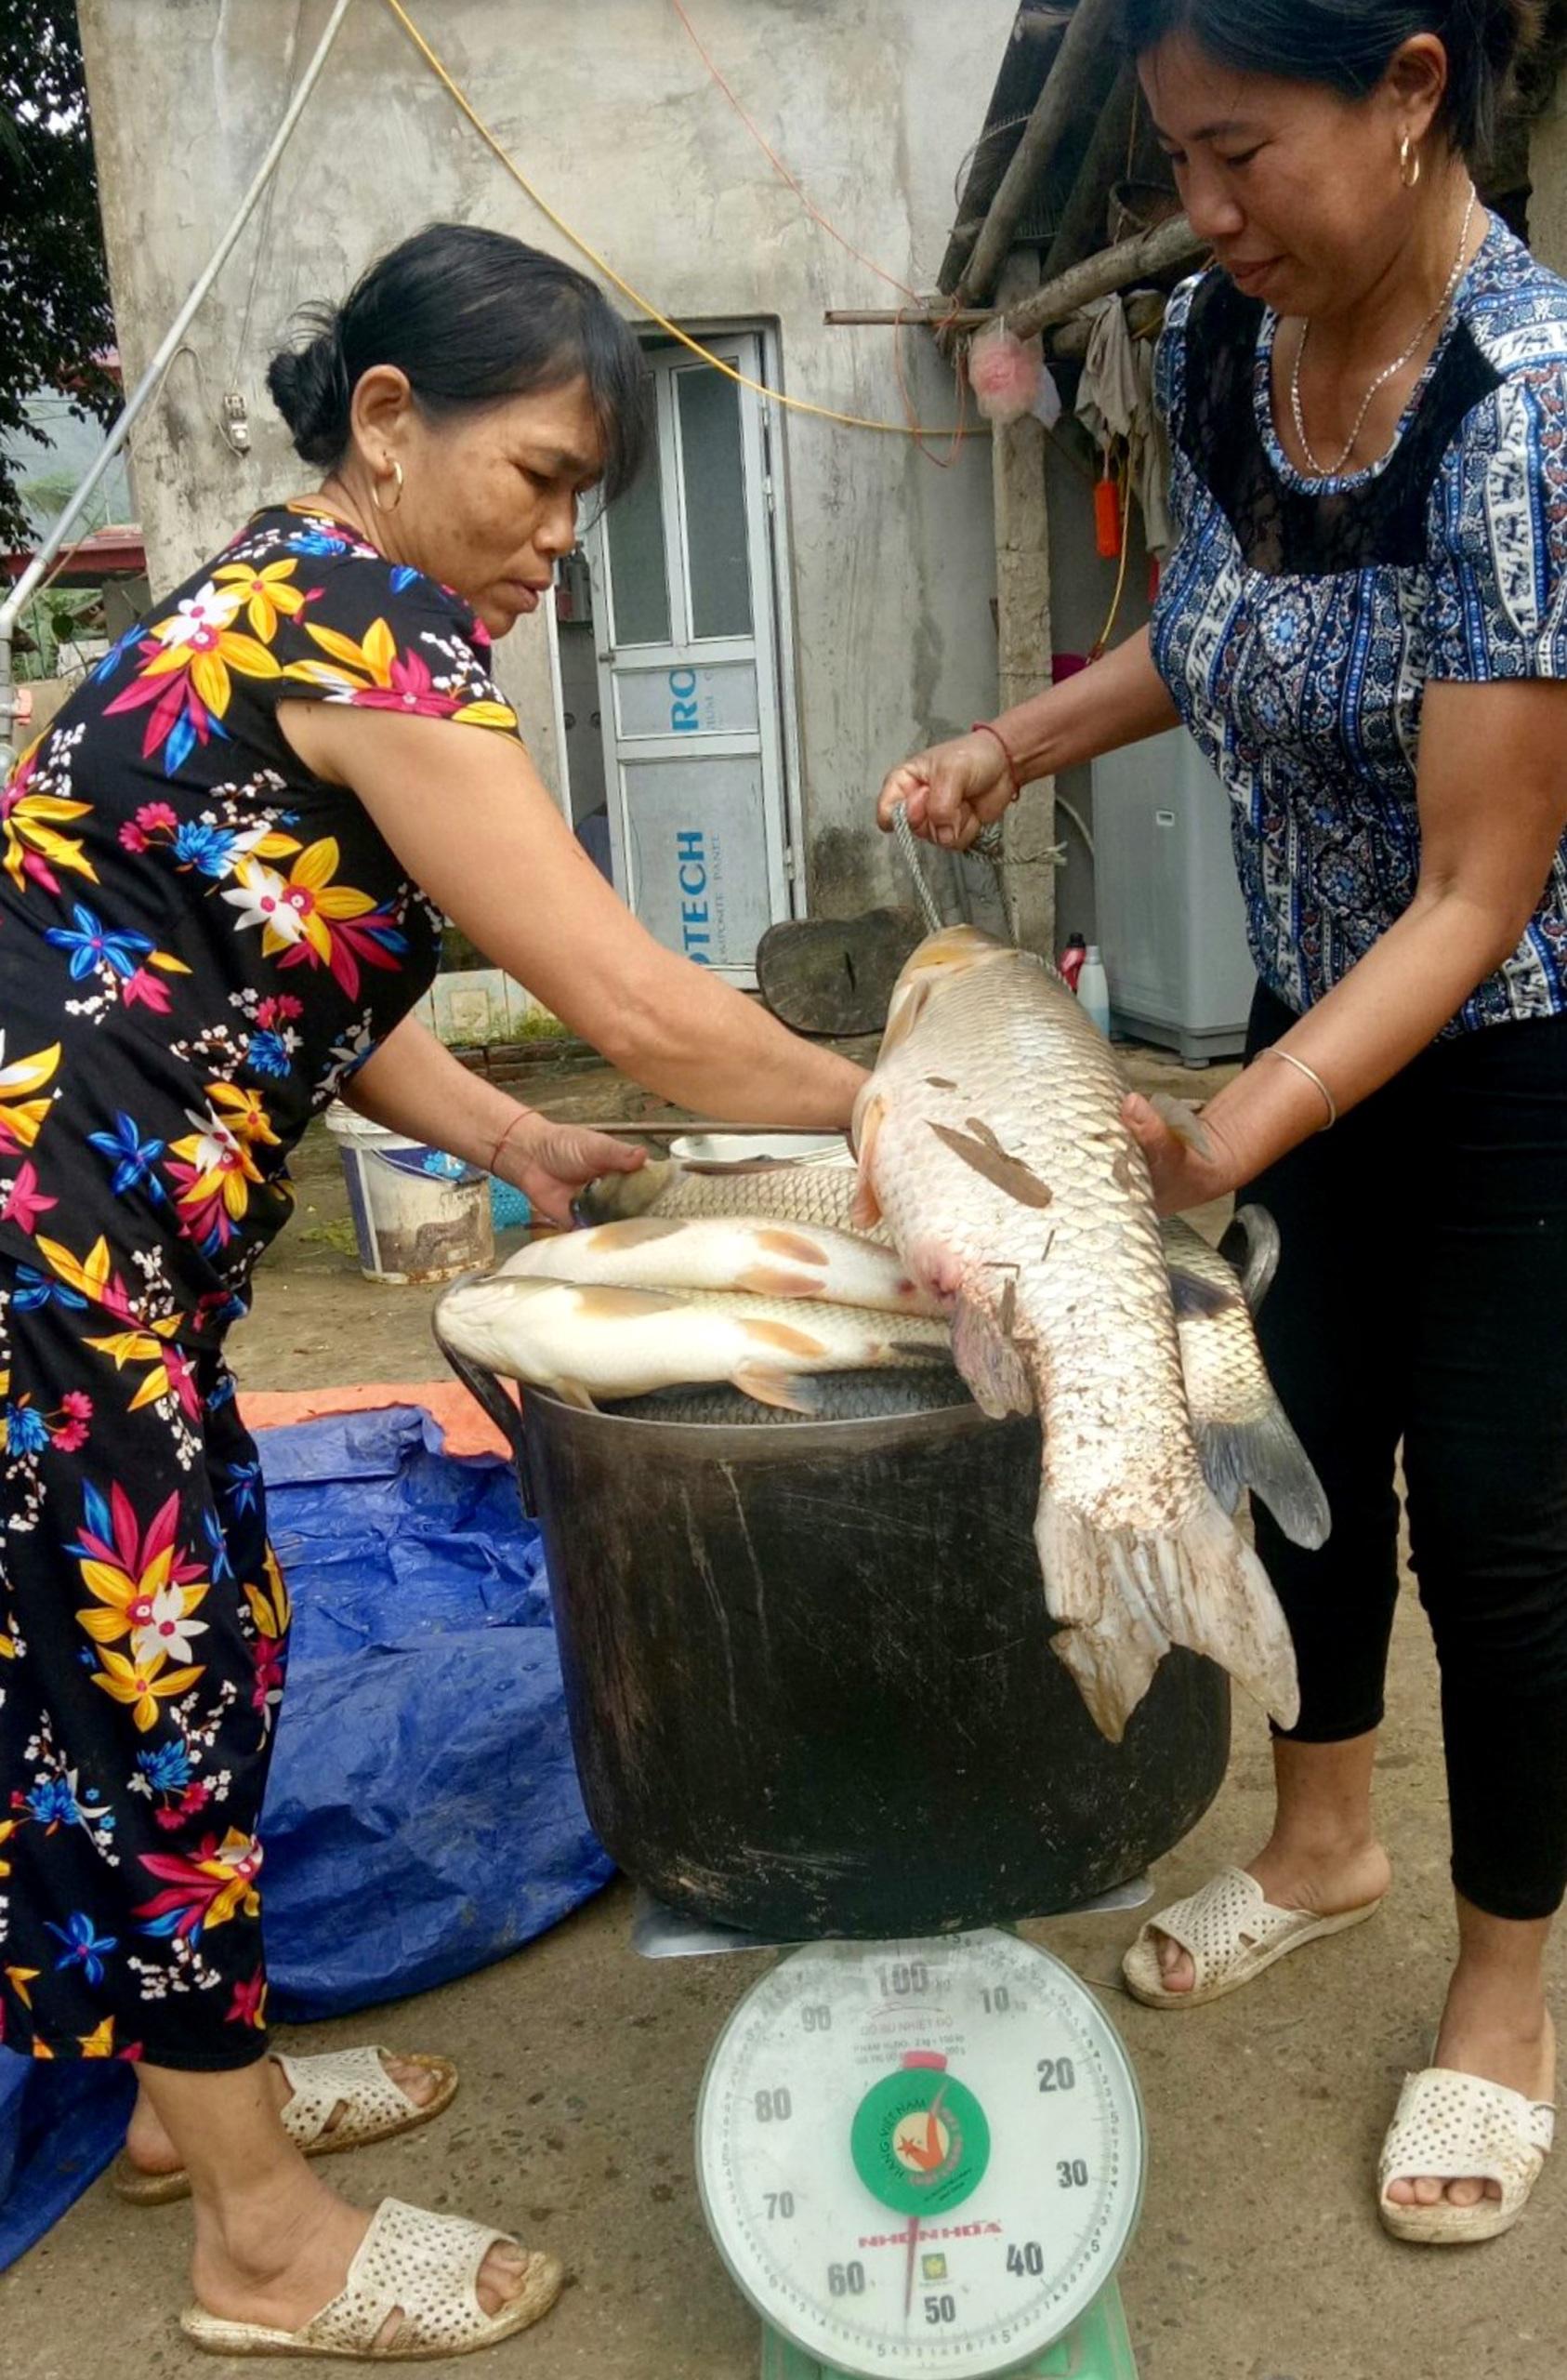 Nghi vấn các doanh nghiệp chế biến lâm sản xả thải là nguyên nhân cá sông Mã chết ngày càng có cơ sở - Ảnh 5.